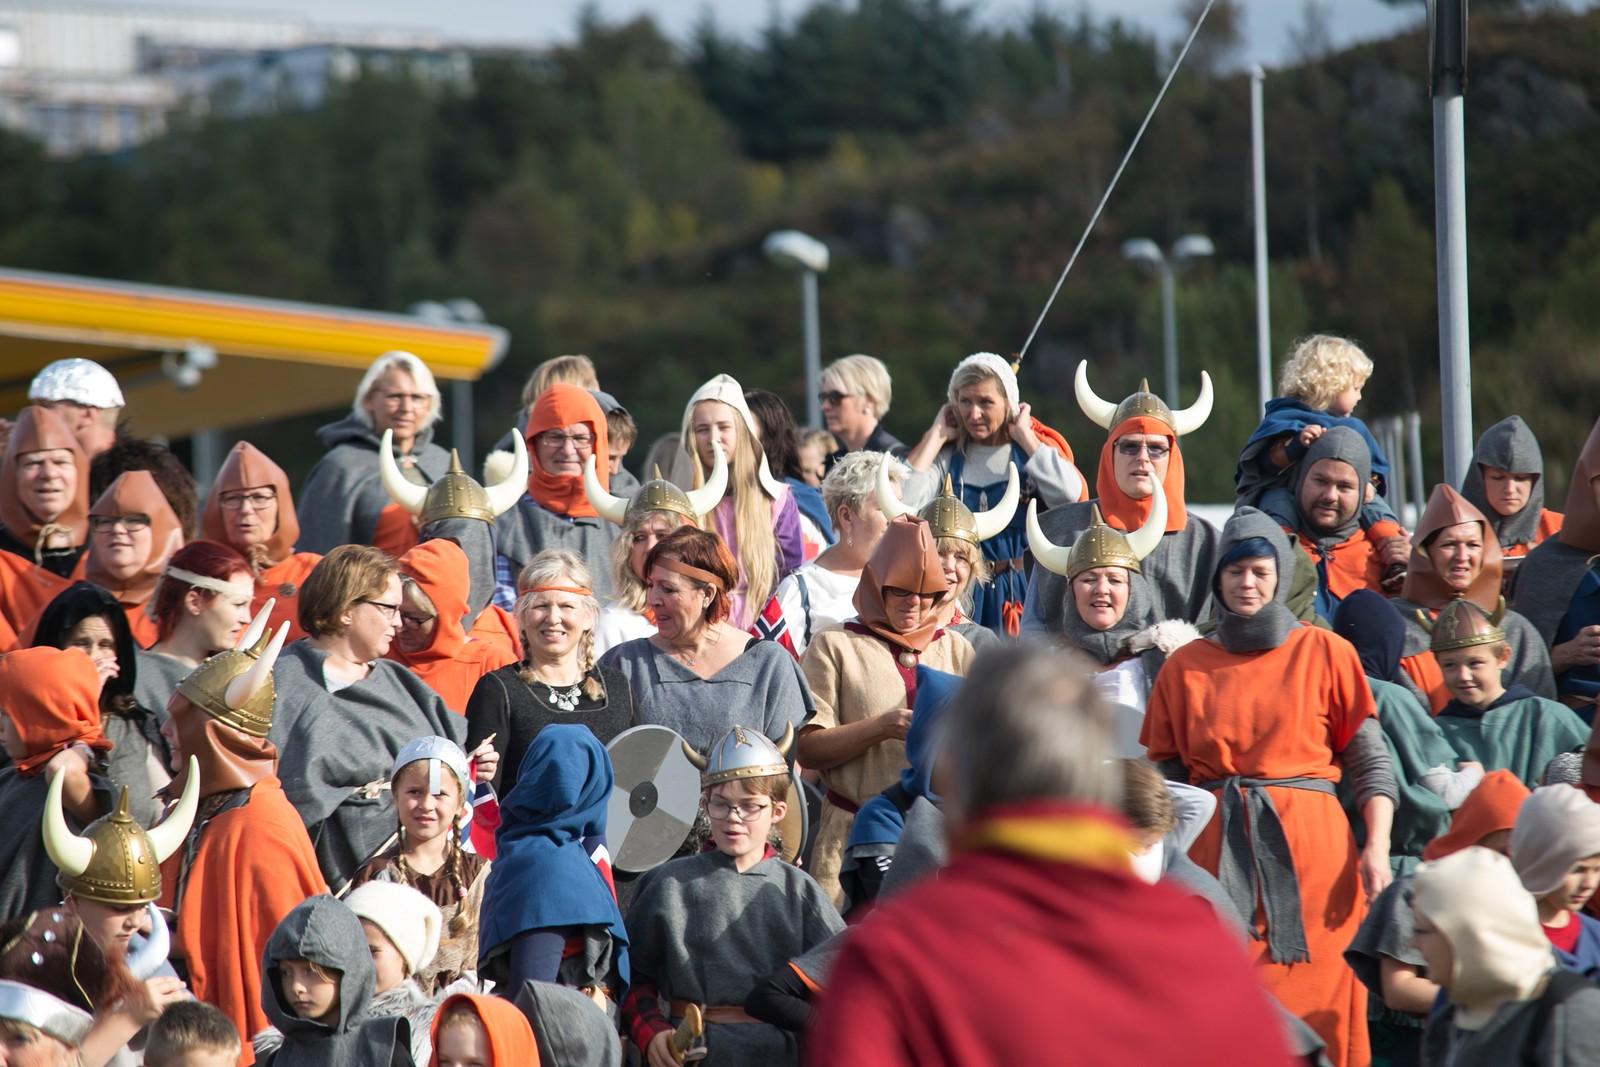 Det ble forsøkt å sette verdensrekord i antall vikinger langs løypen på Sotra i dag.